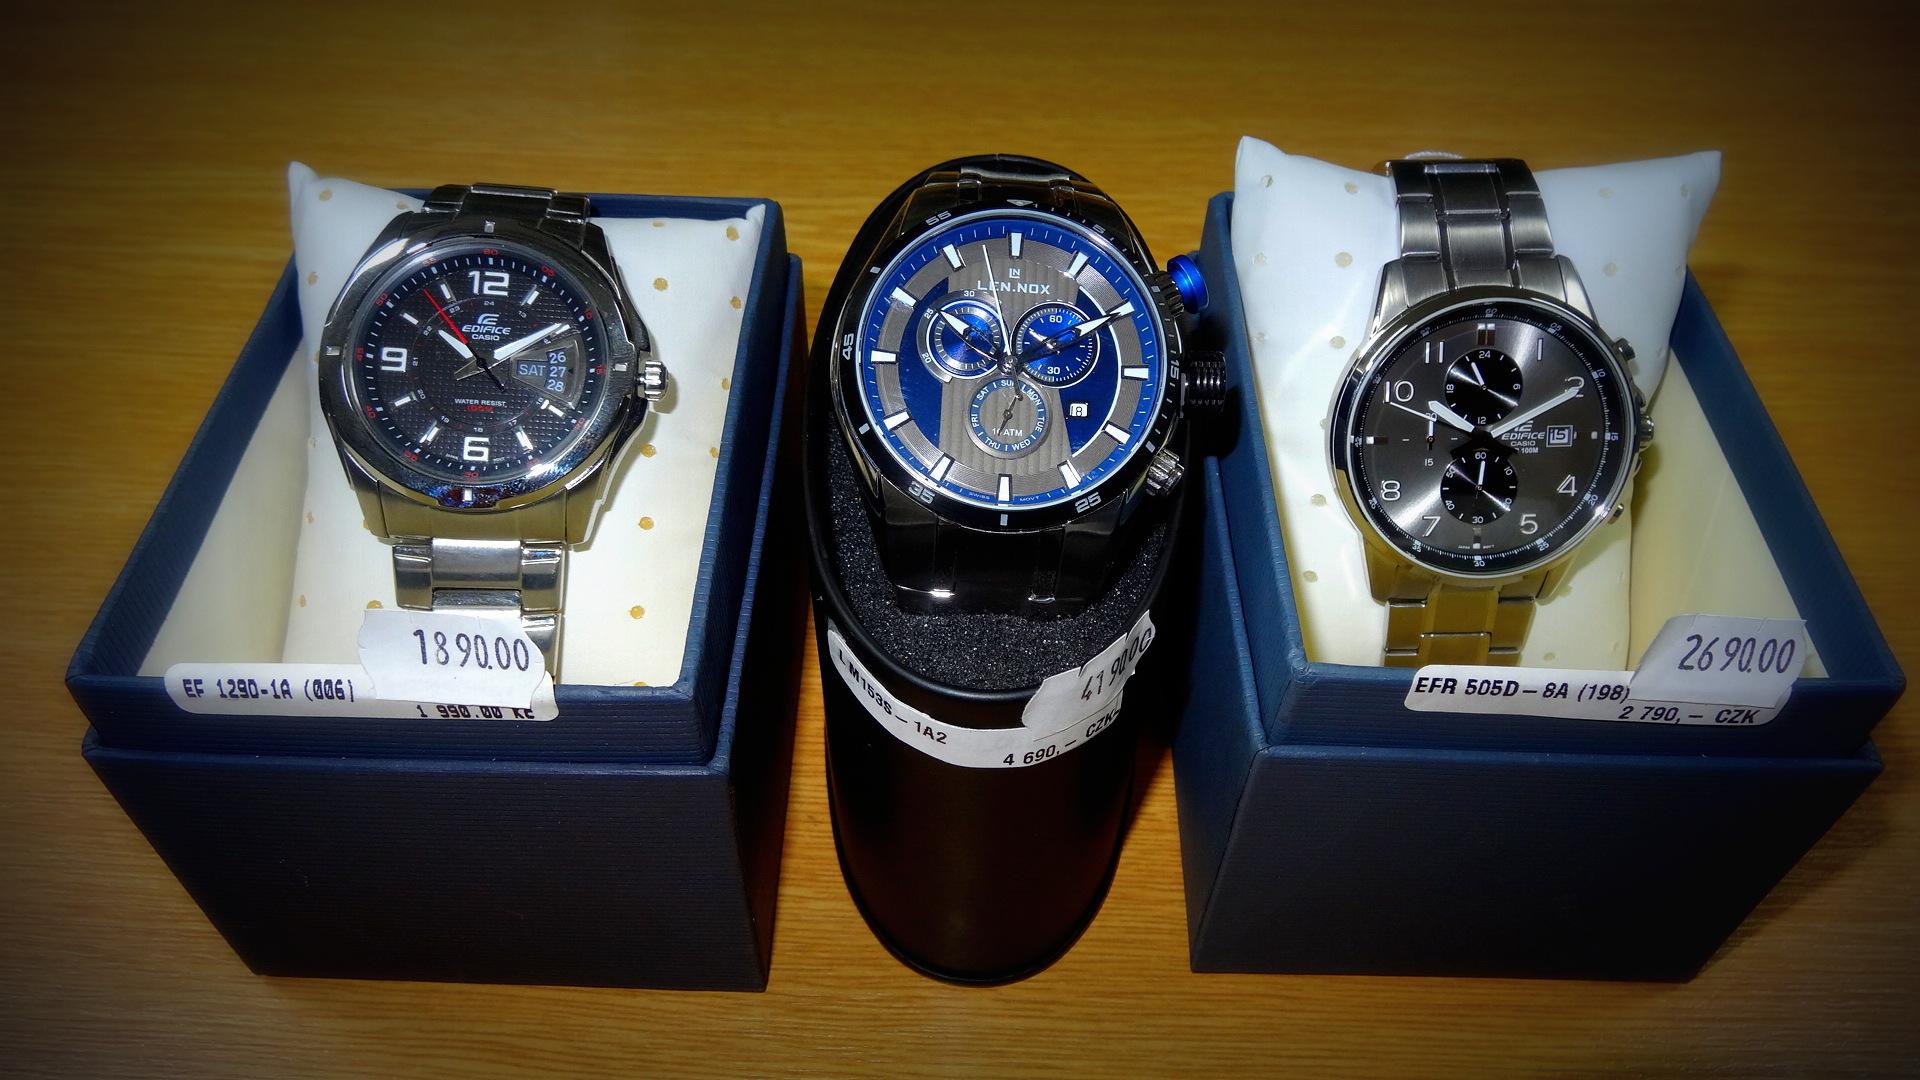 Hodinářství a klenoty Soukupovi Olomouc Povel ukázka zboží příjemné ceny  levné dámské pánské náramkové hodinky d004a892bba